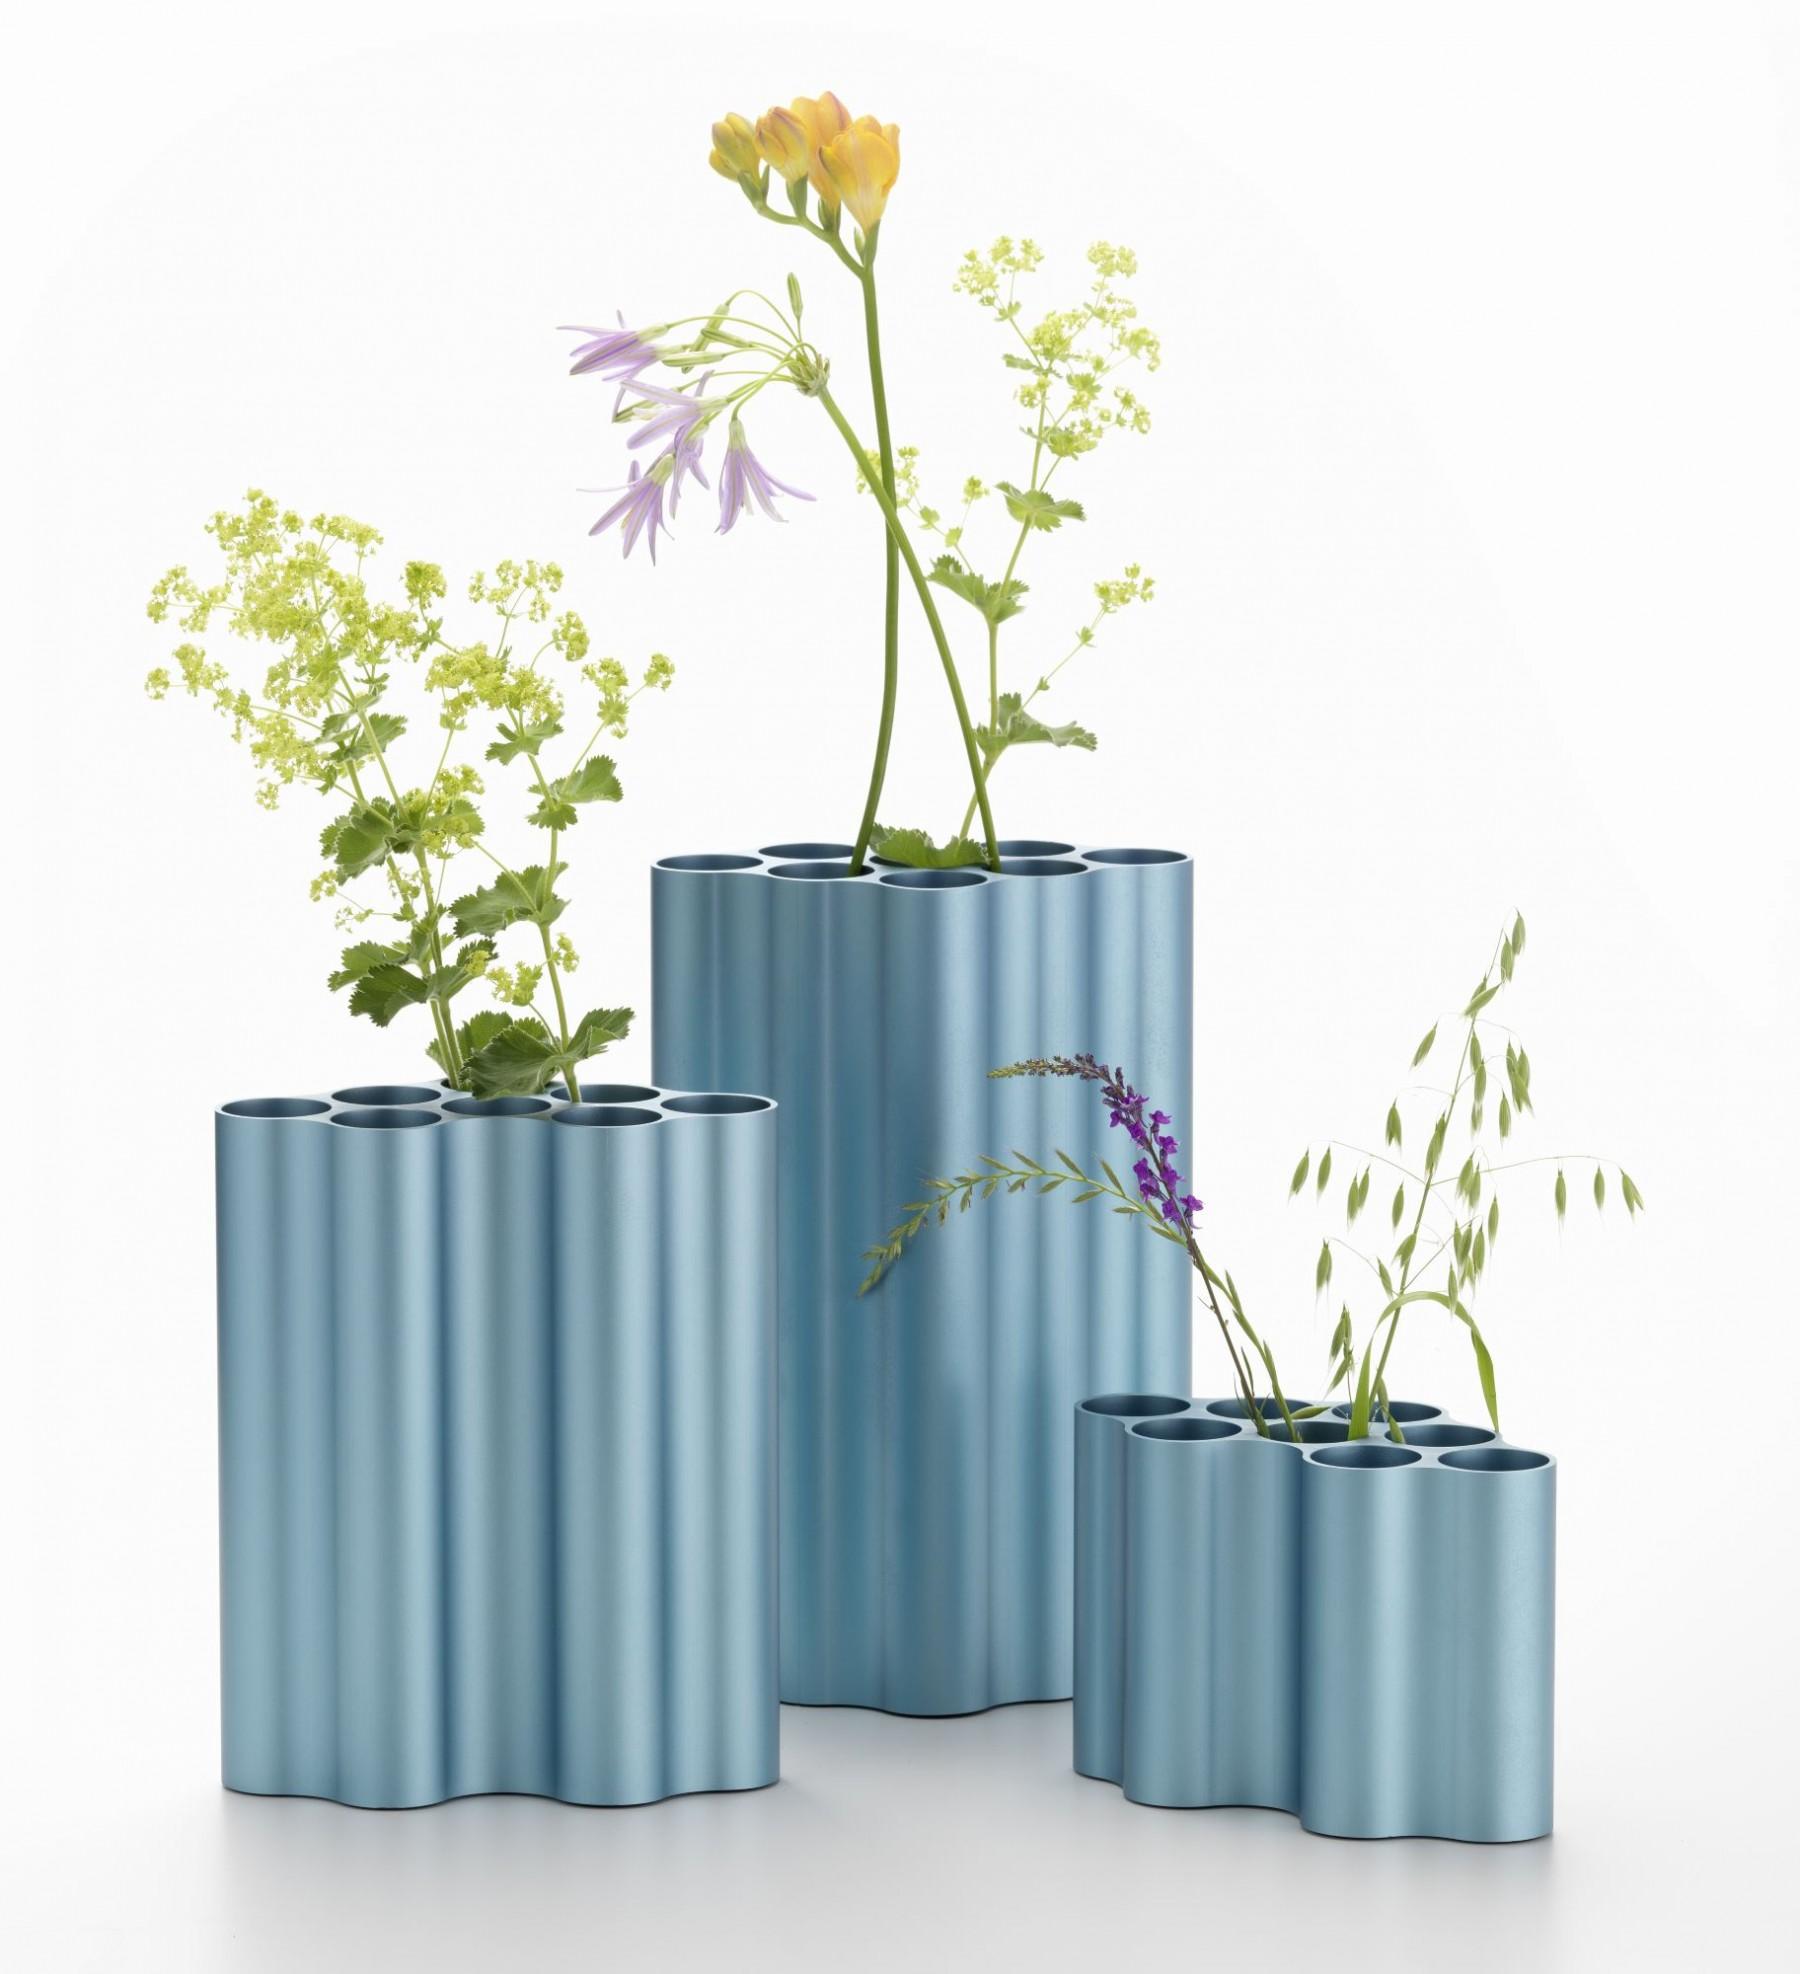 Einrichten Design De goods nuage vase l vitra einrichten design de